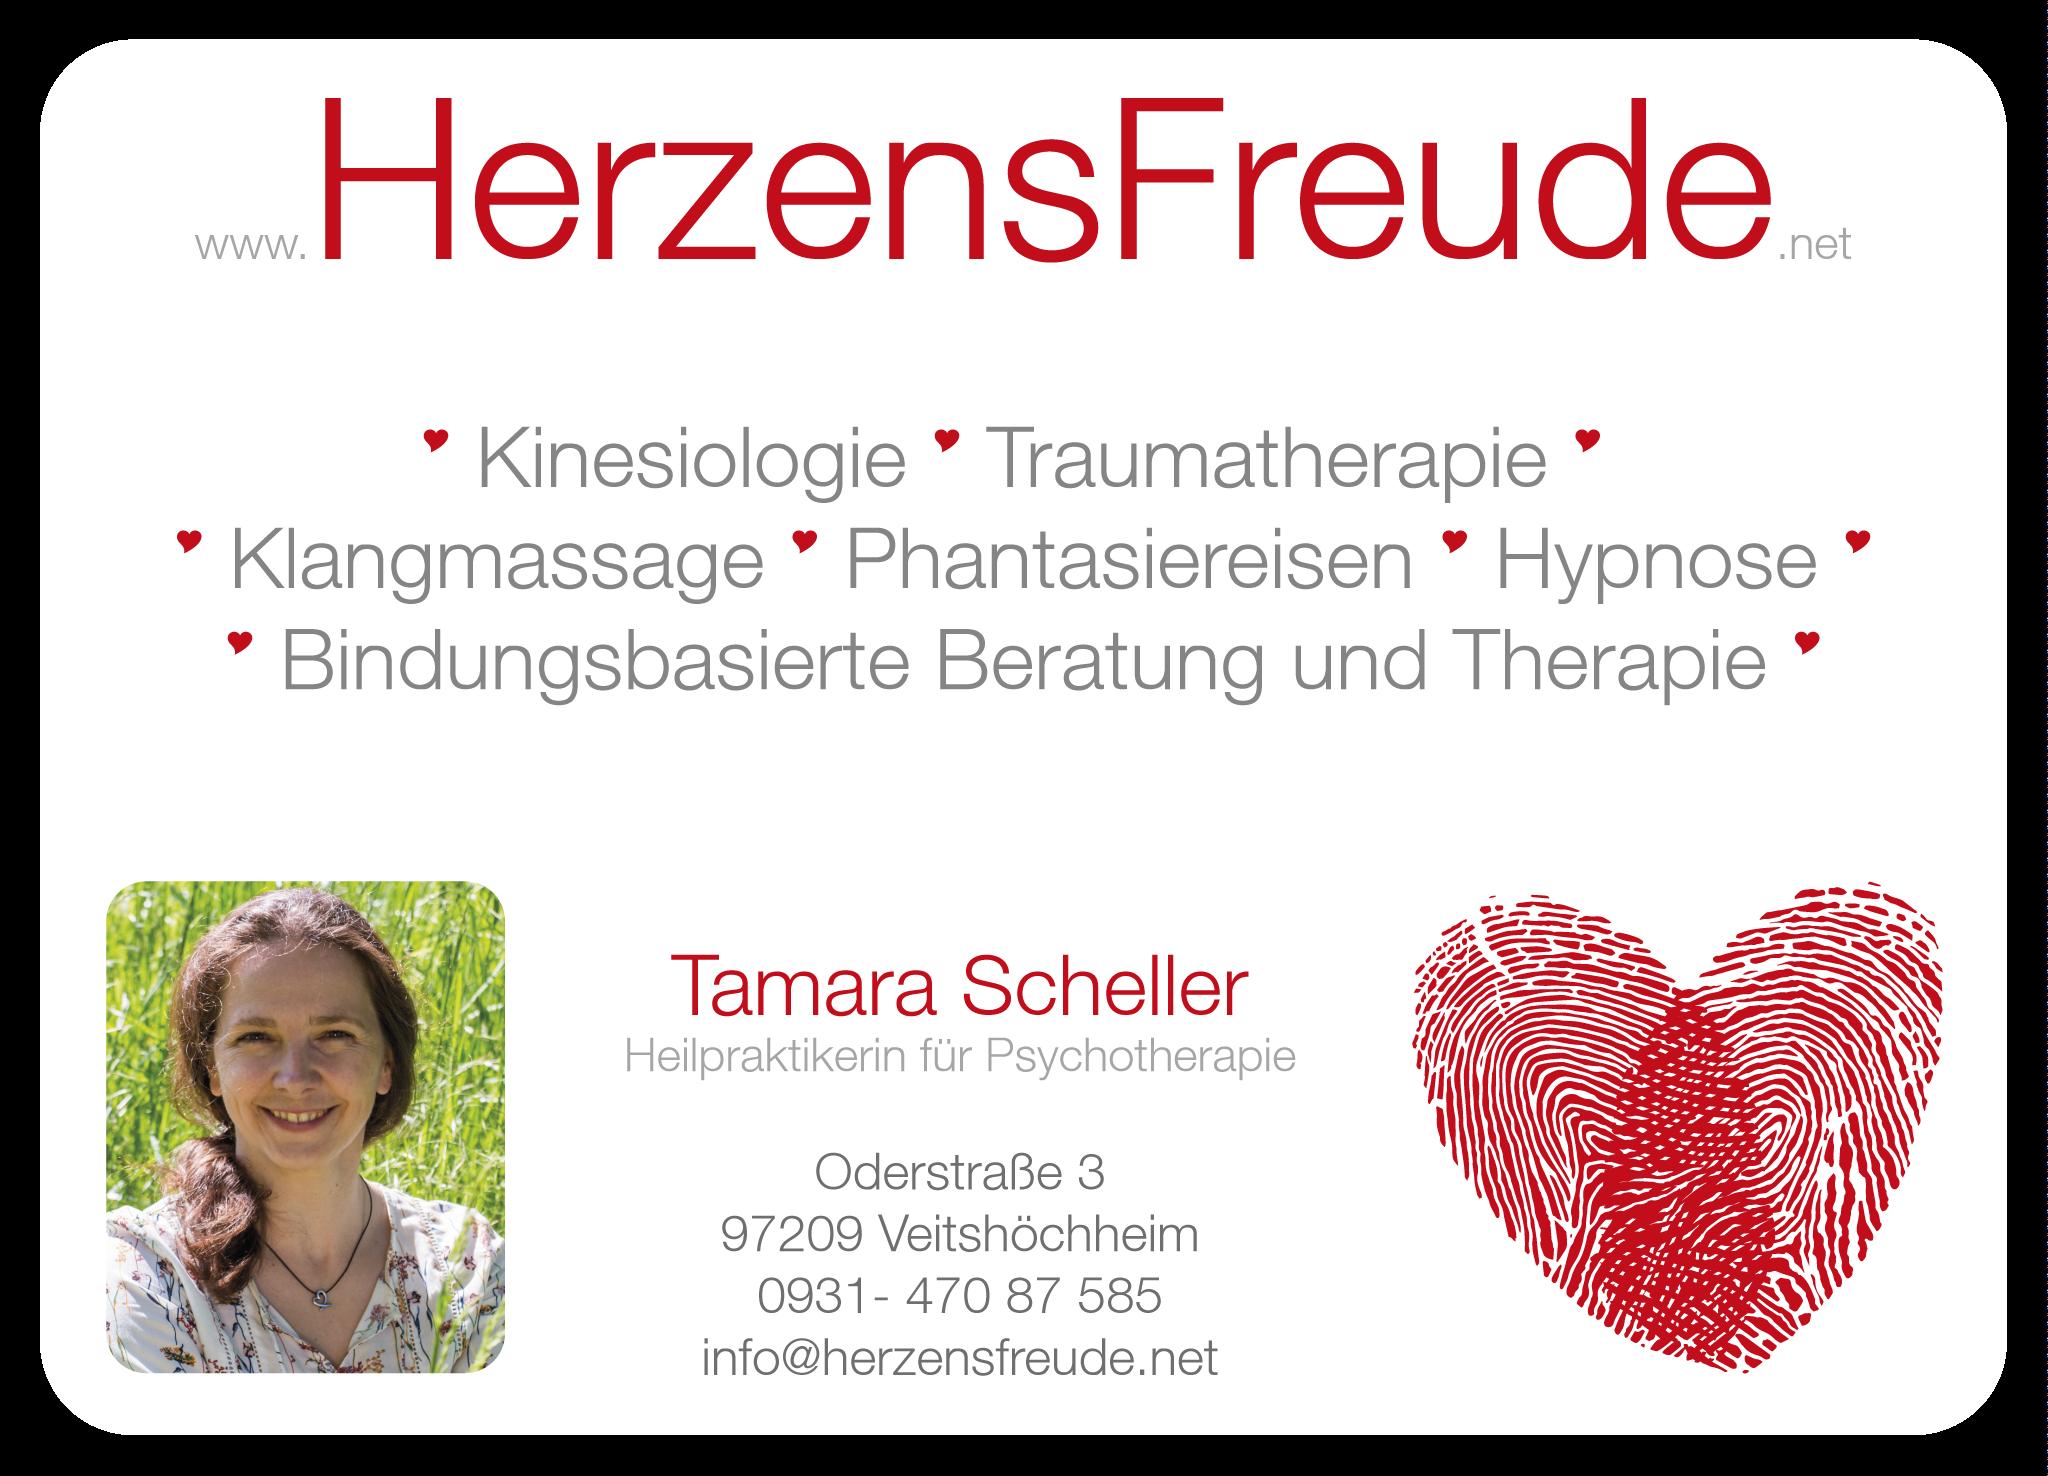 HerzensFreude - Tamara Scheller